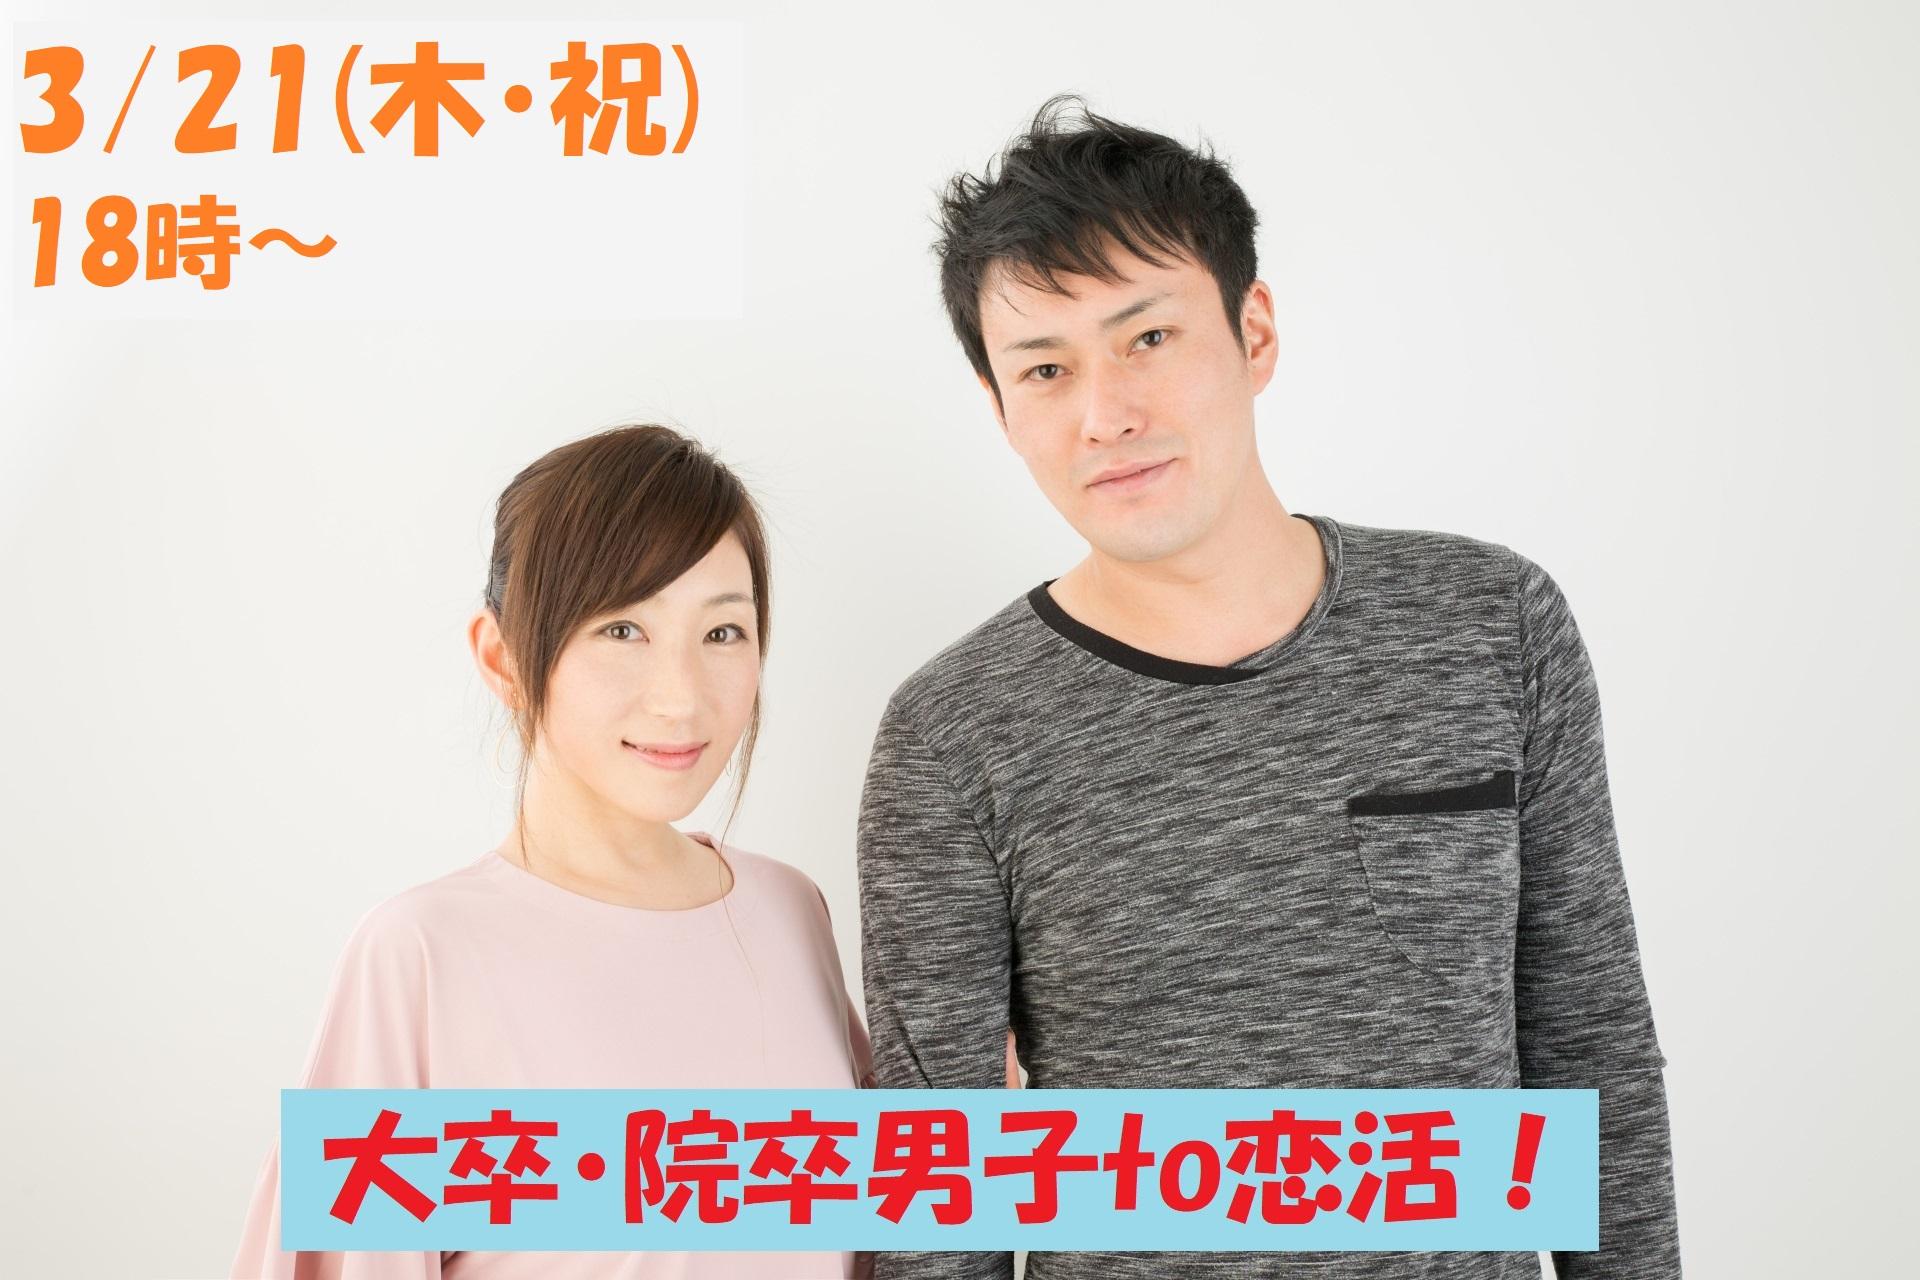 【終了】3月21日(木・祝)18時~大卒・院卒男子to恋活!